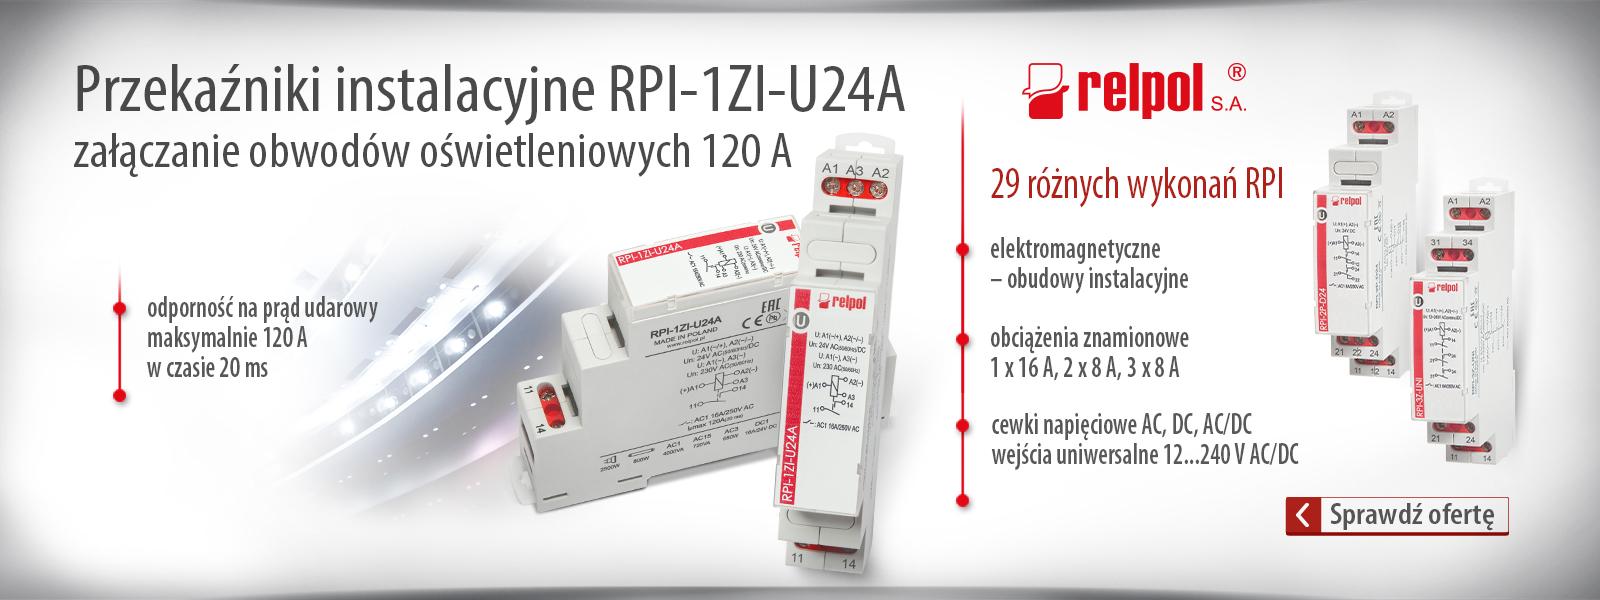 Przekaźniki RPI od firmy Relpol